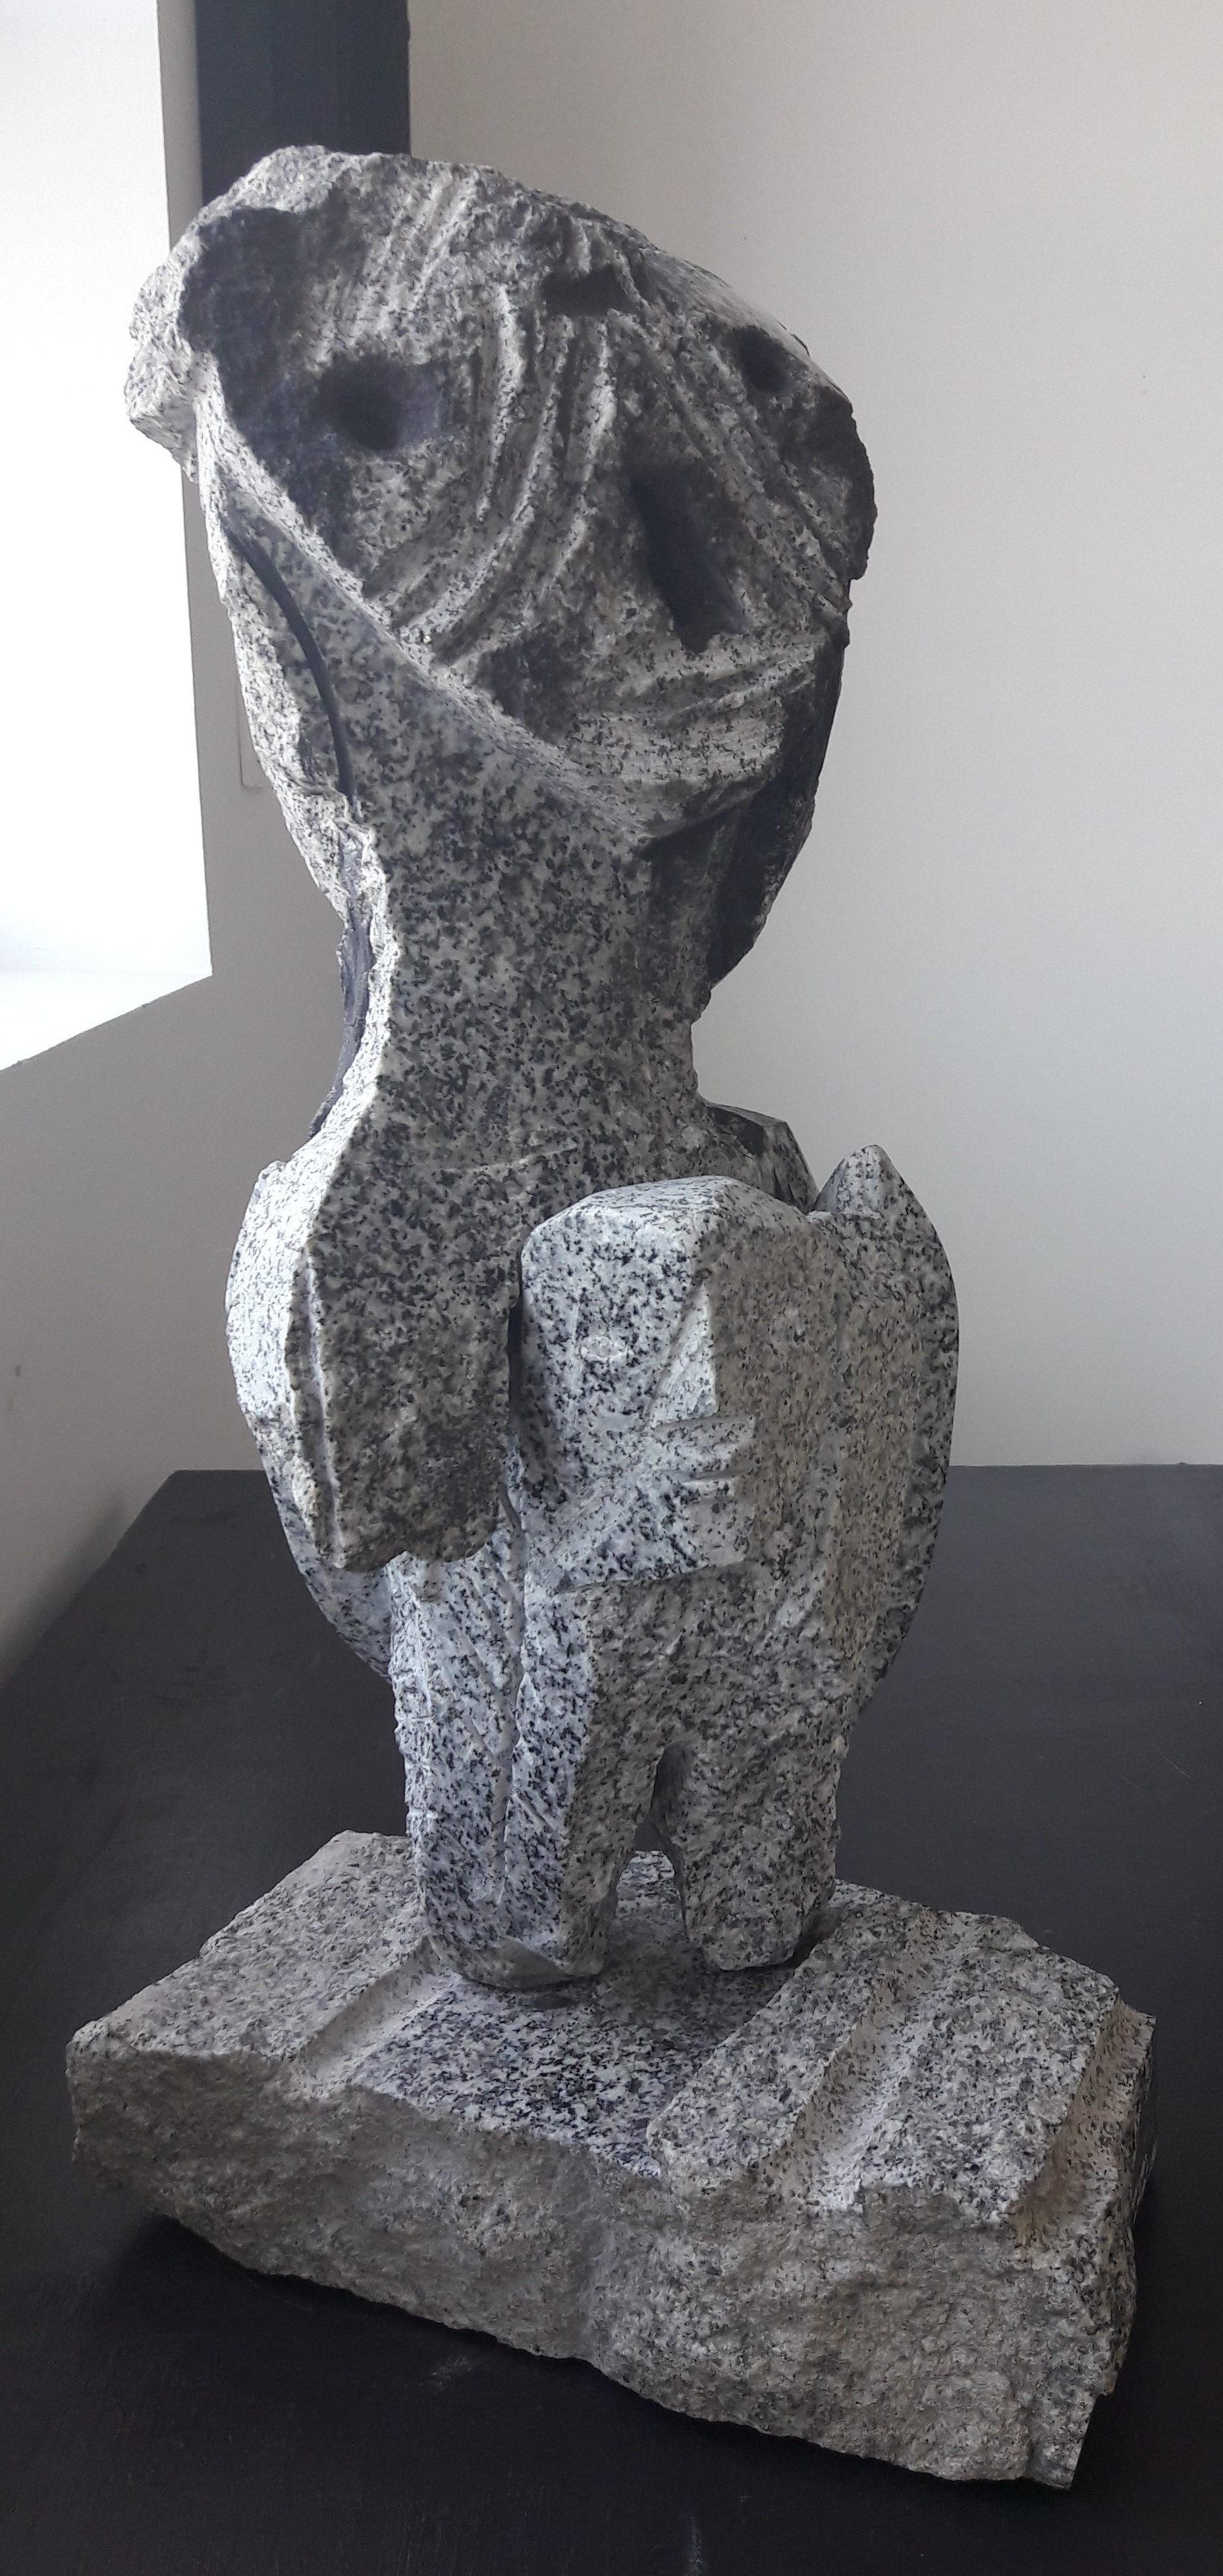 Jean-Yves GOSTI